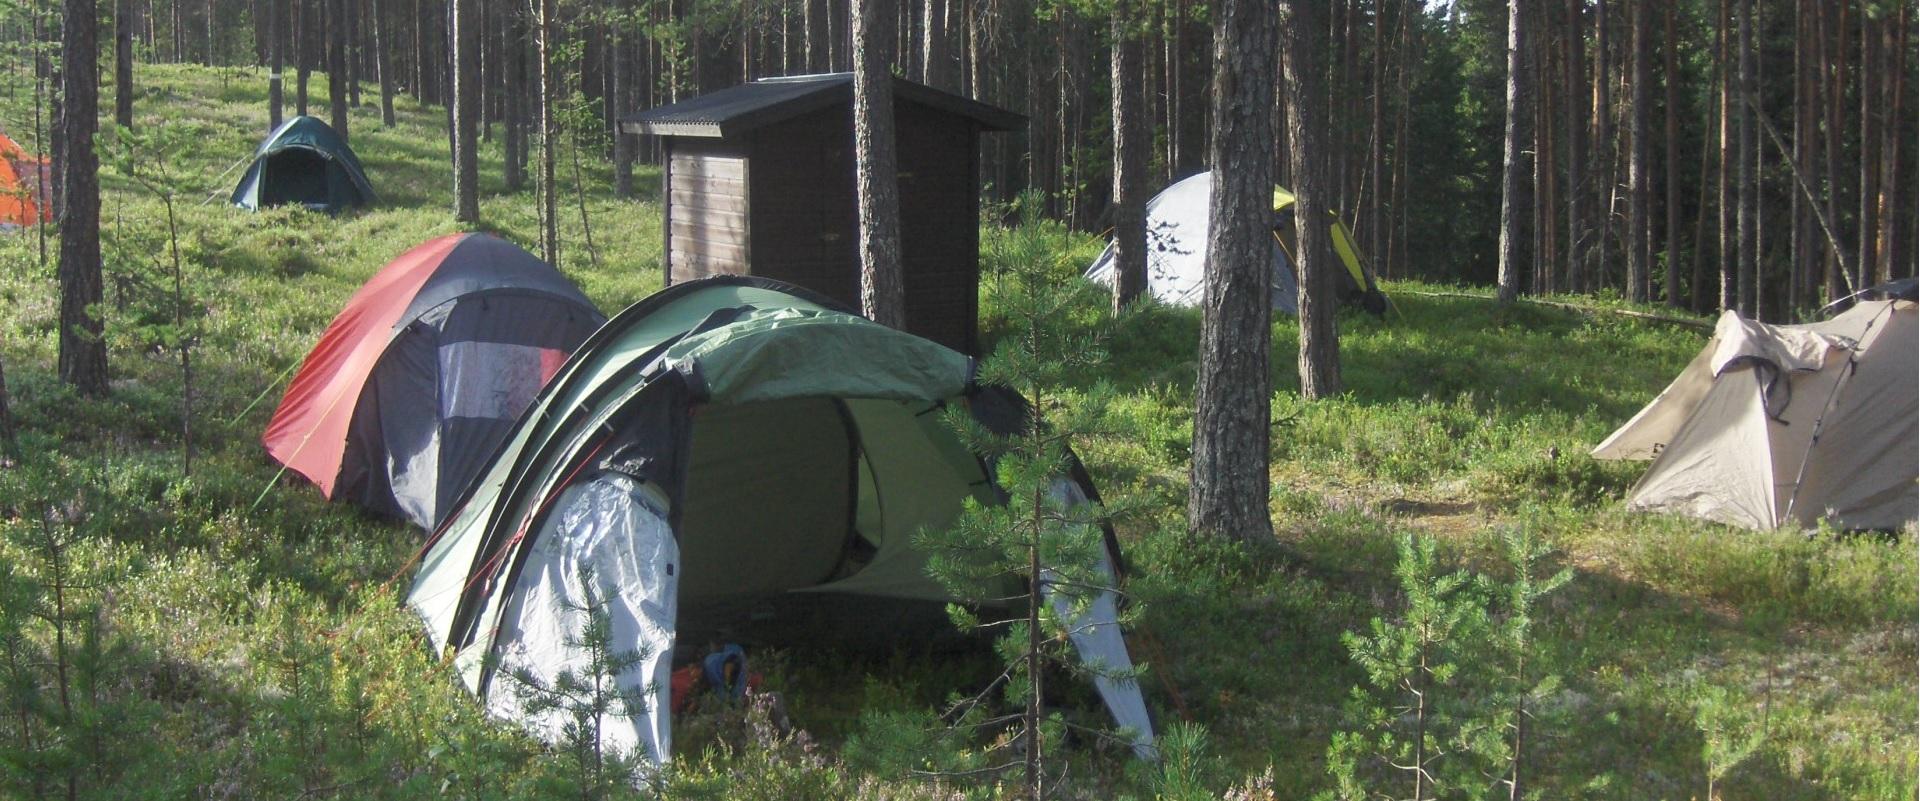 Abenteuer_Reise_VaeSoe_Schweden_Norwegen02.jpg